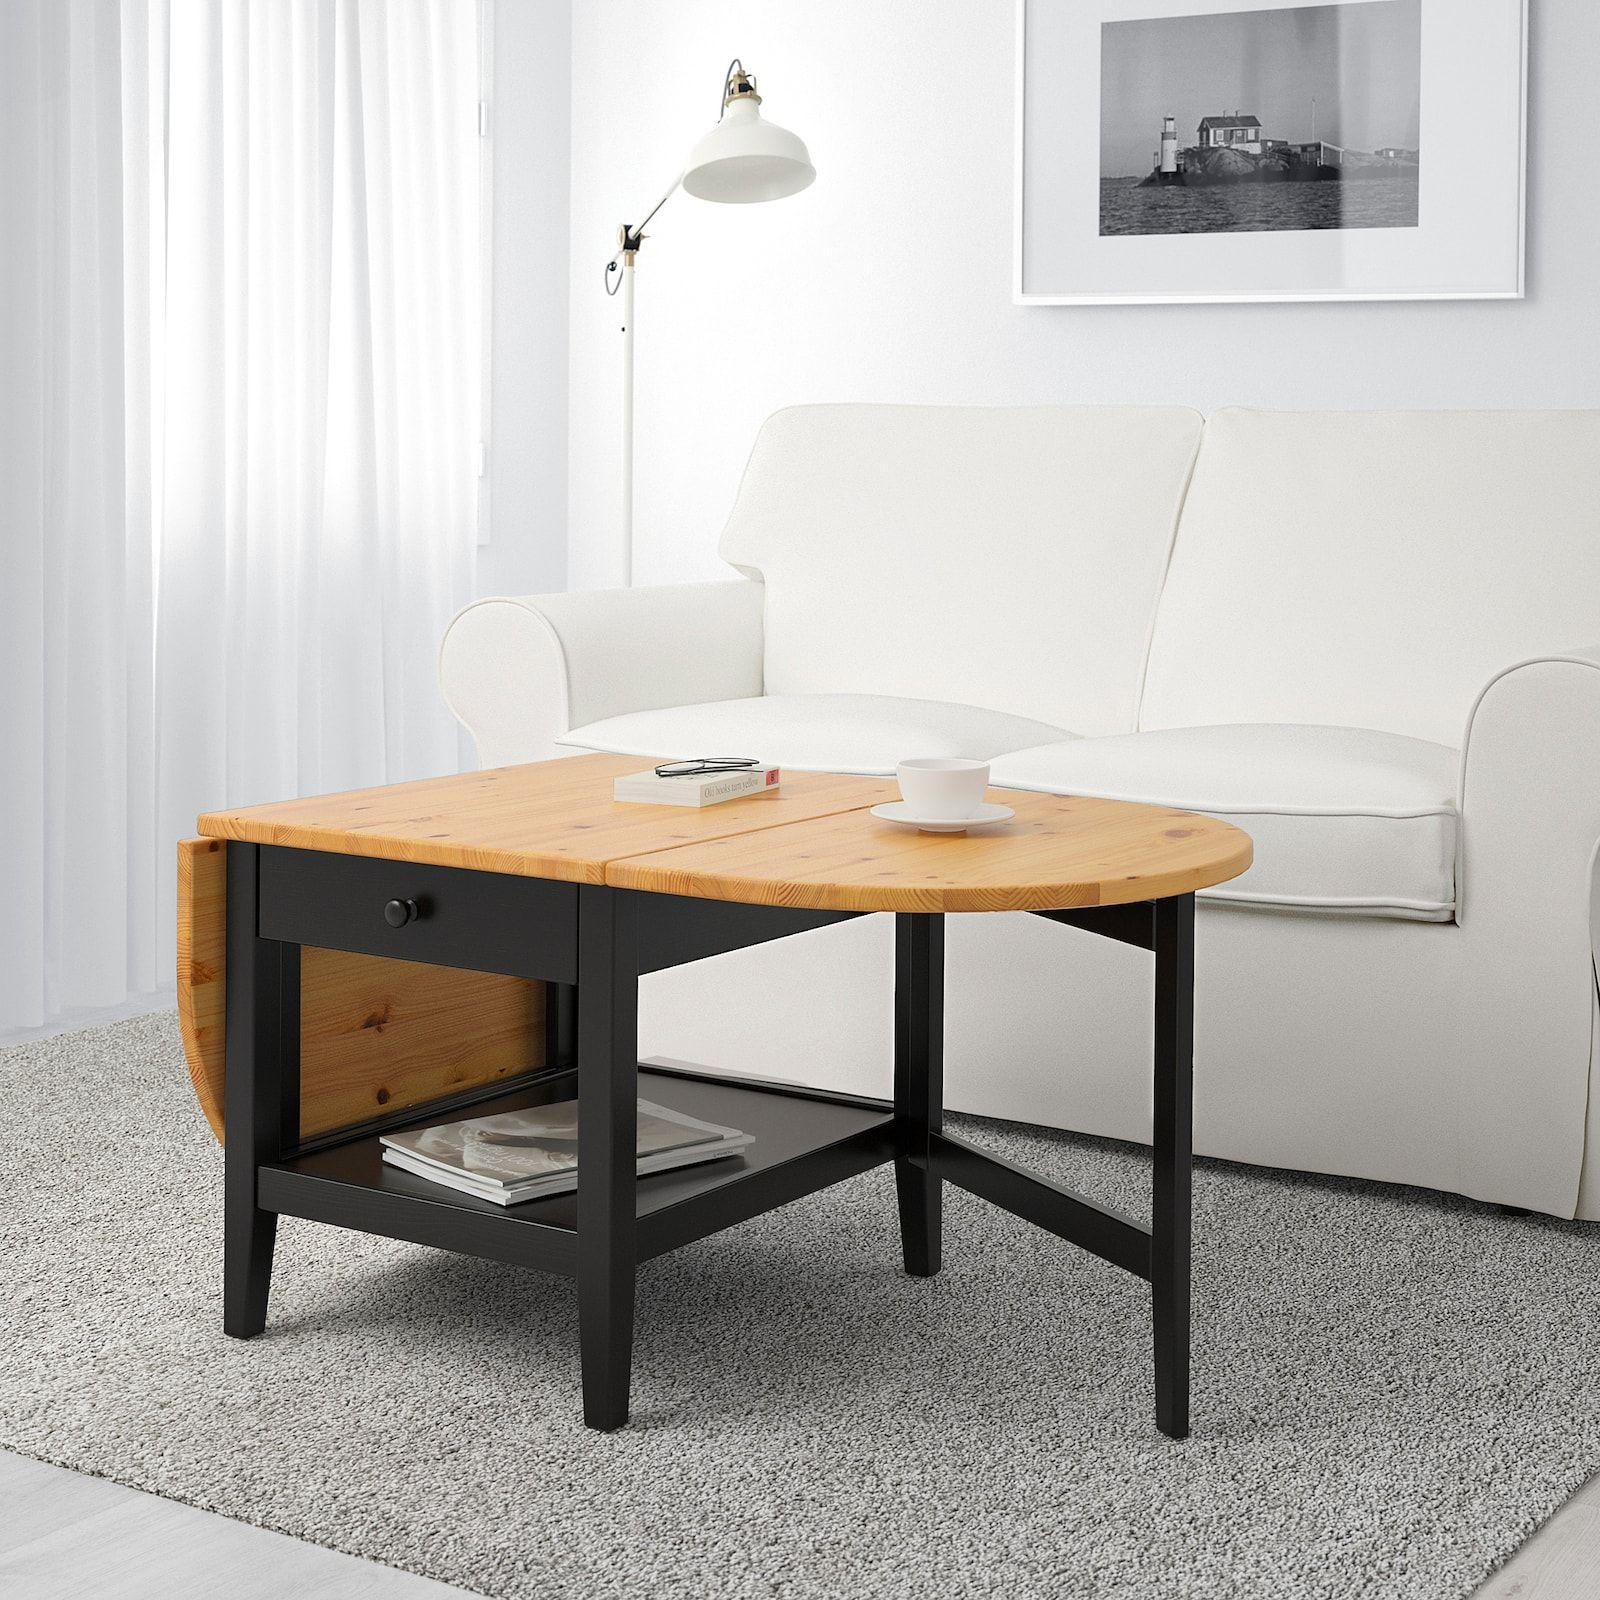 Arkelstorp Coffee Table Black Ikea Koffietafel Salontafel Houten Salontafels [ 1600 x 1600 Pixel ]